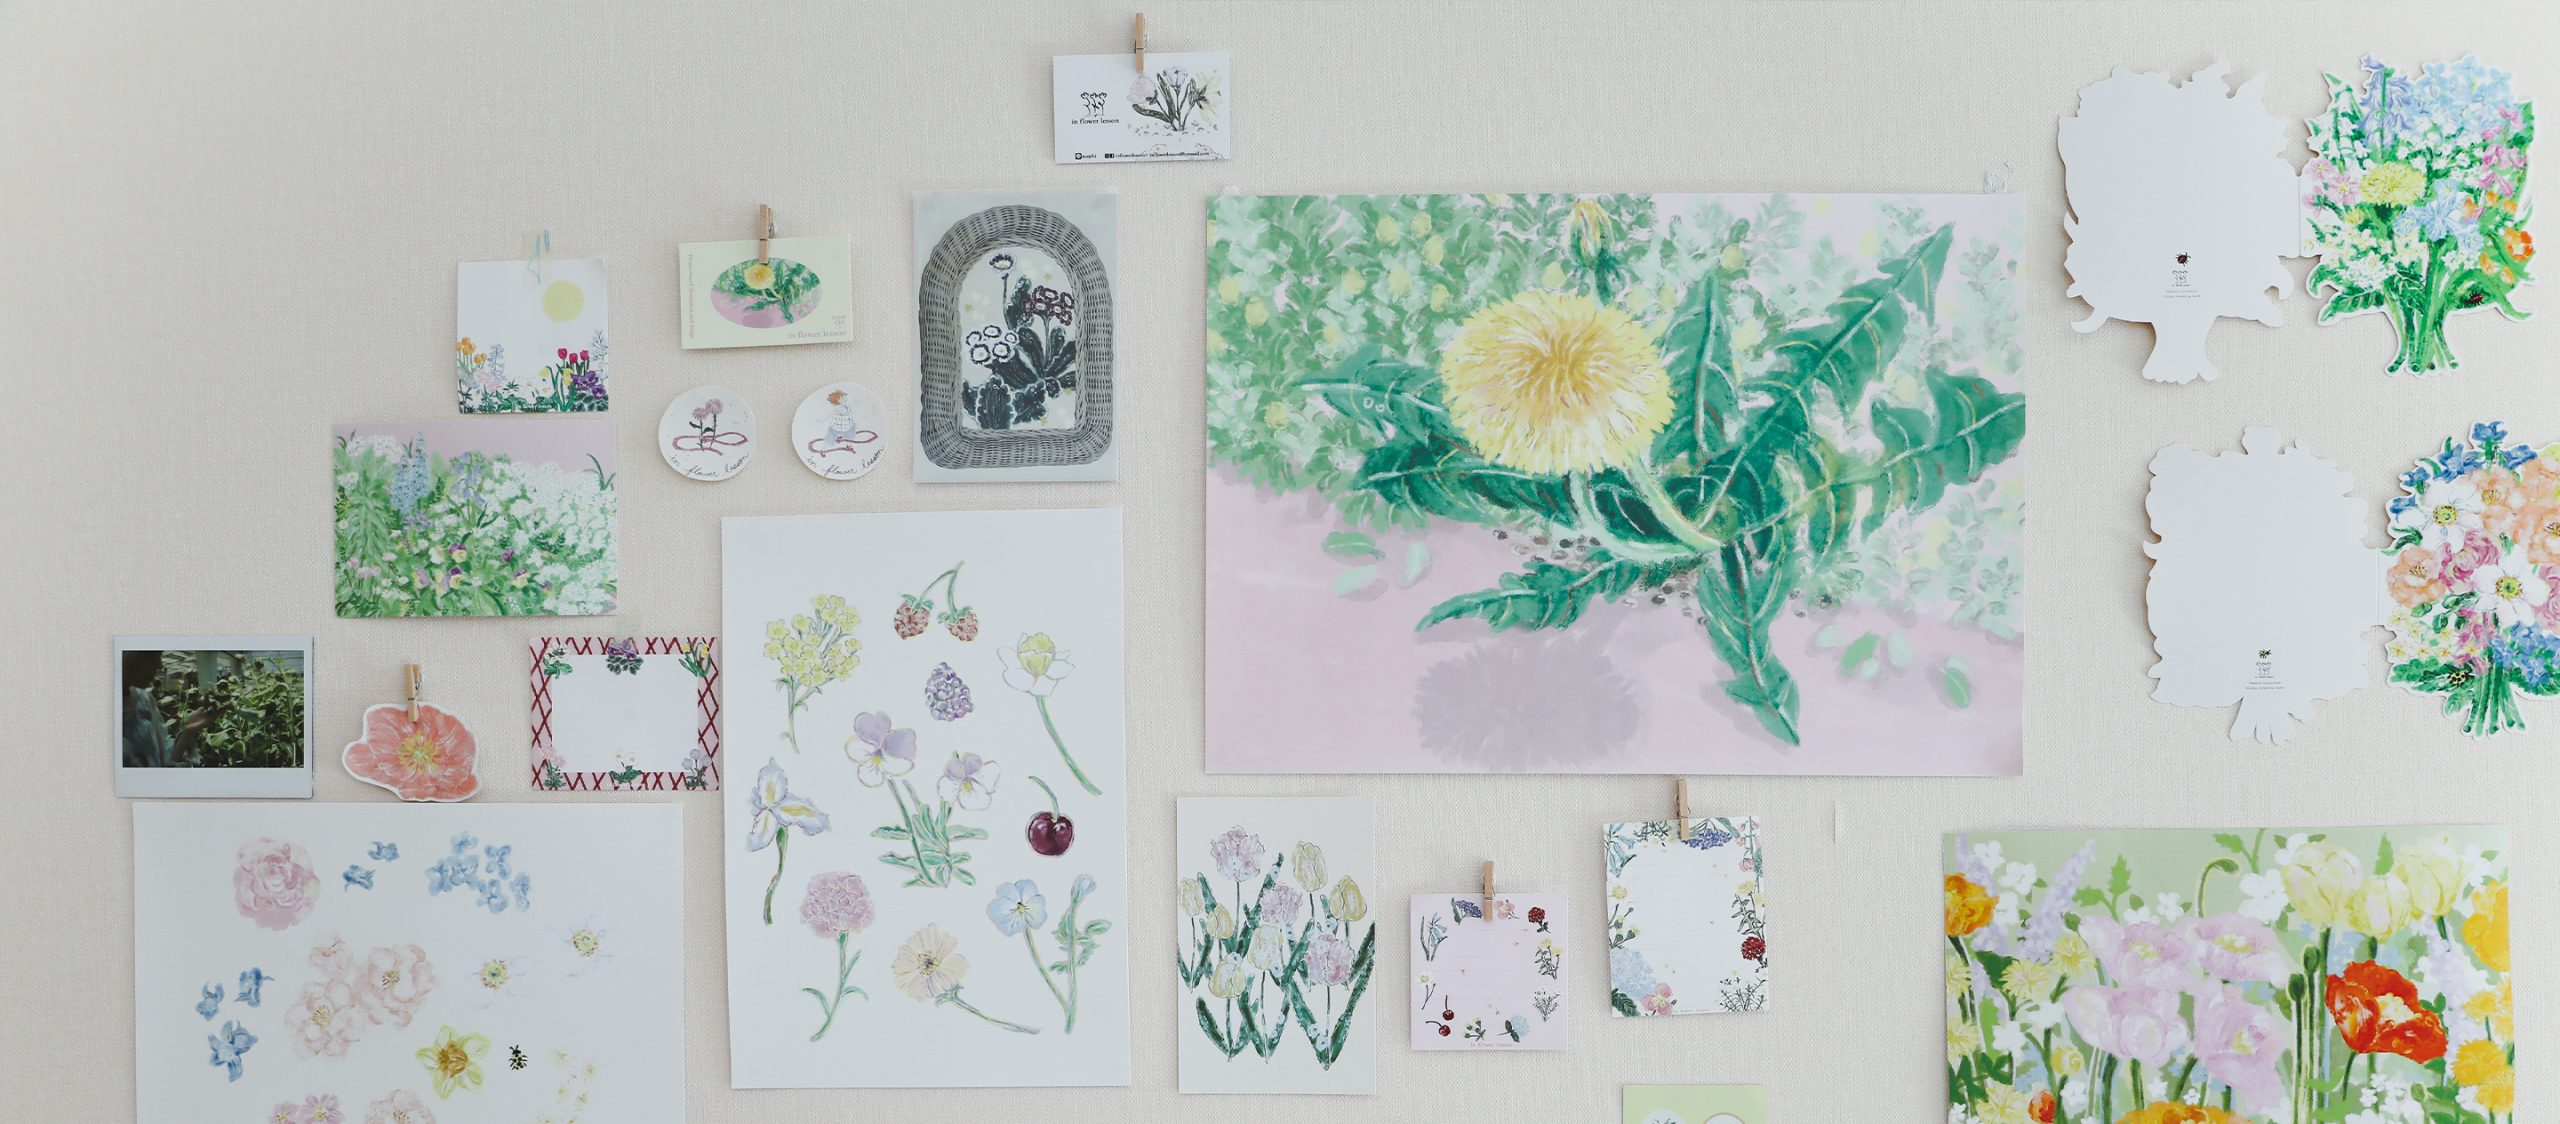 In Flower Lesson ศิลปินผู้วาดดอกไม้เพื่อส่งต่อความชื่นใจให้ทุกคน